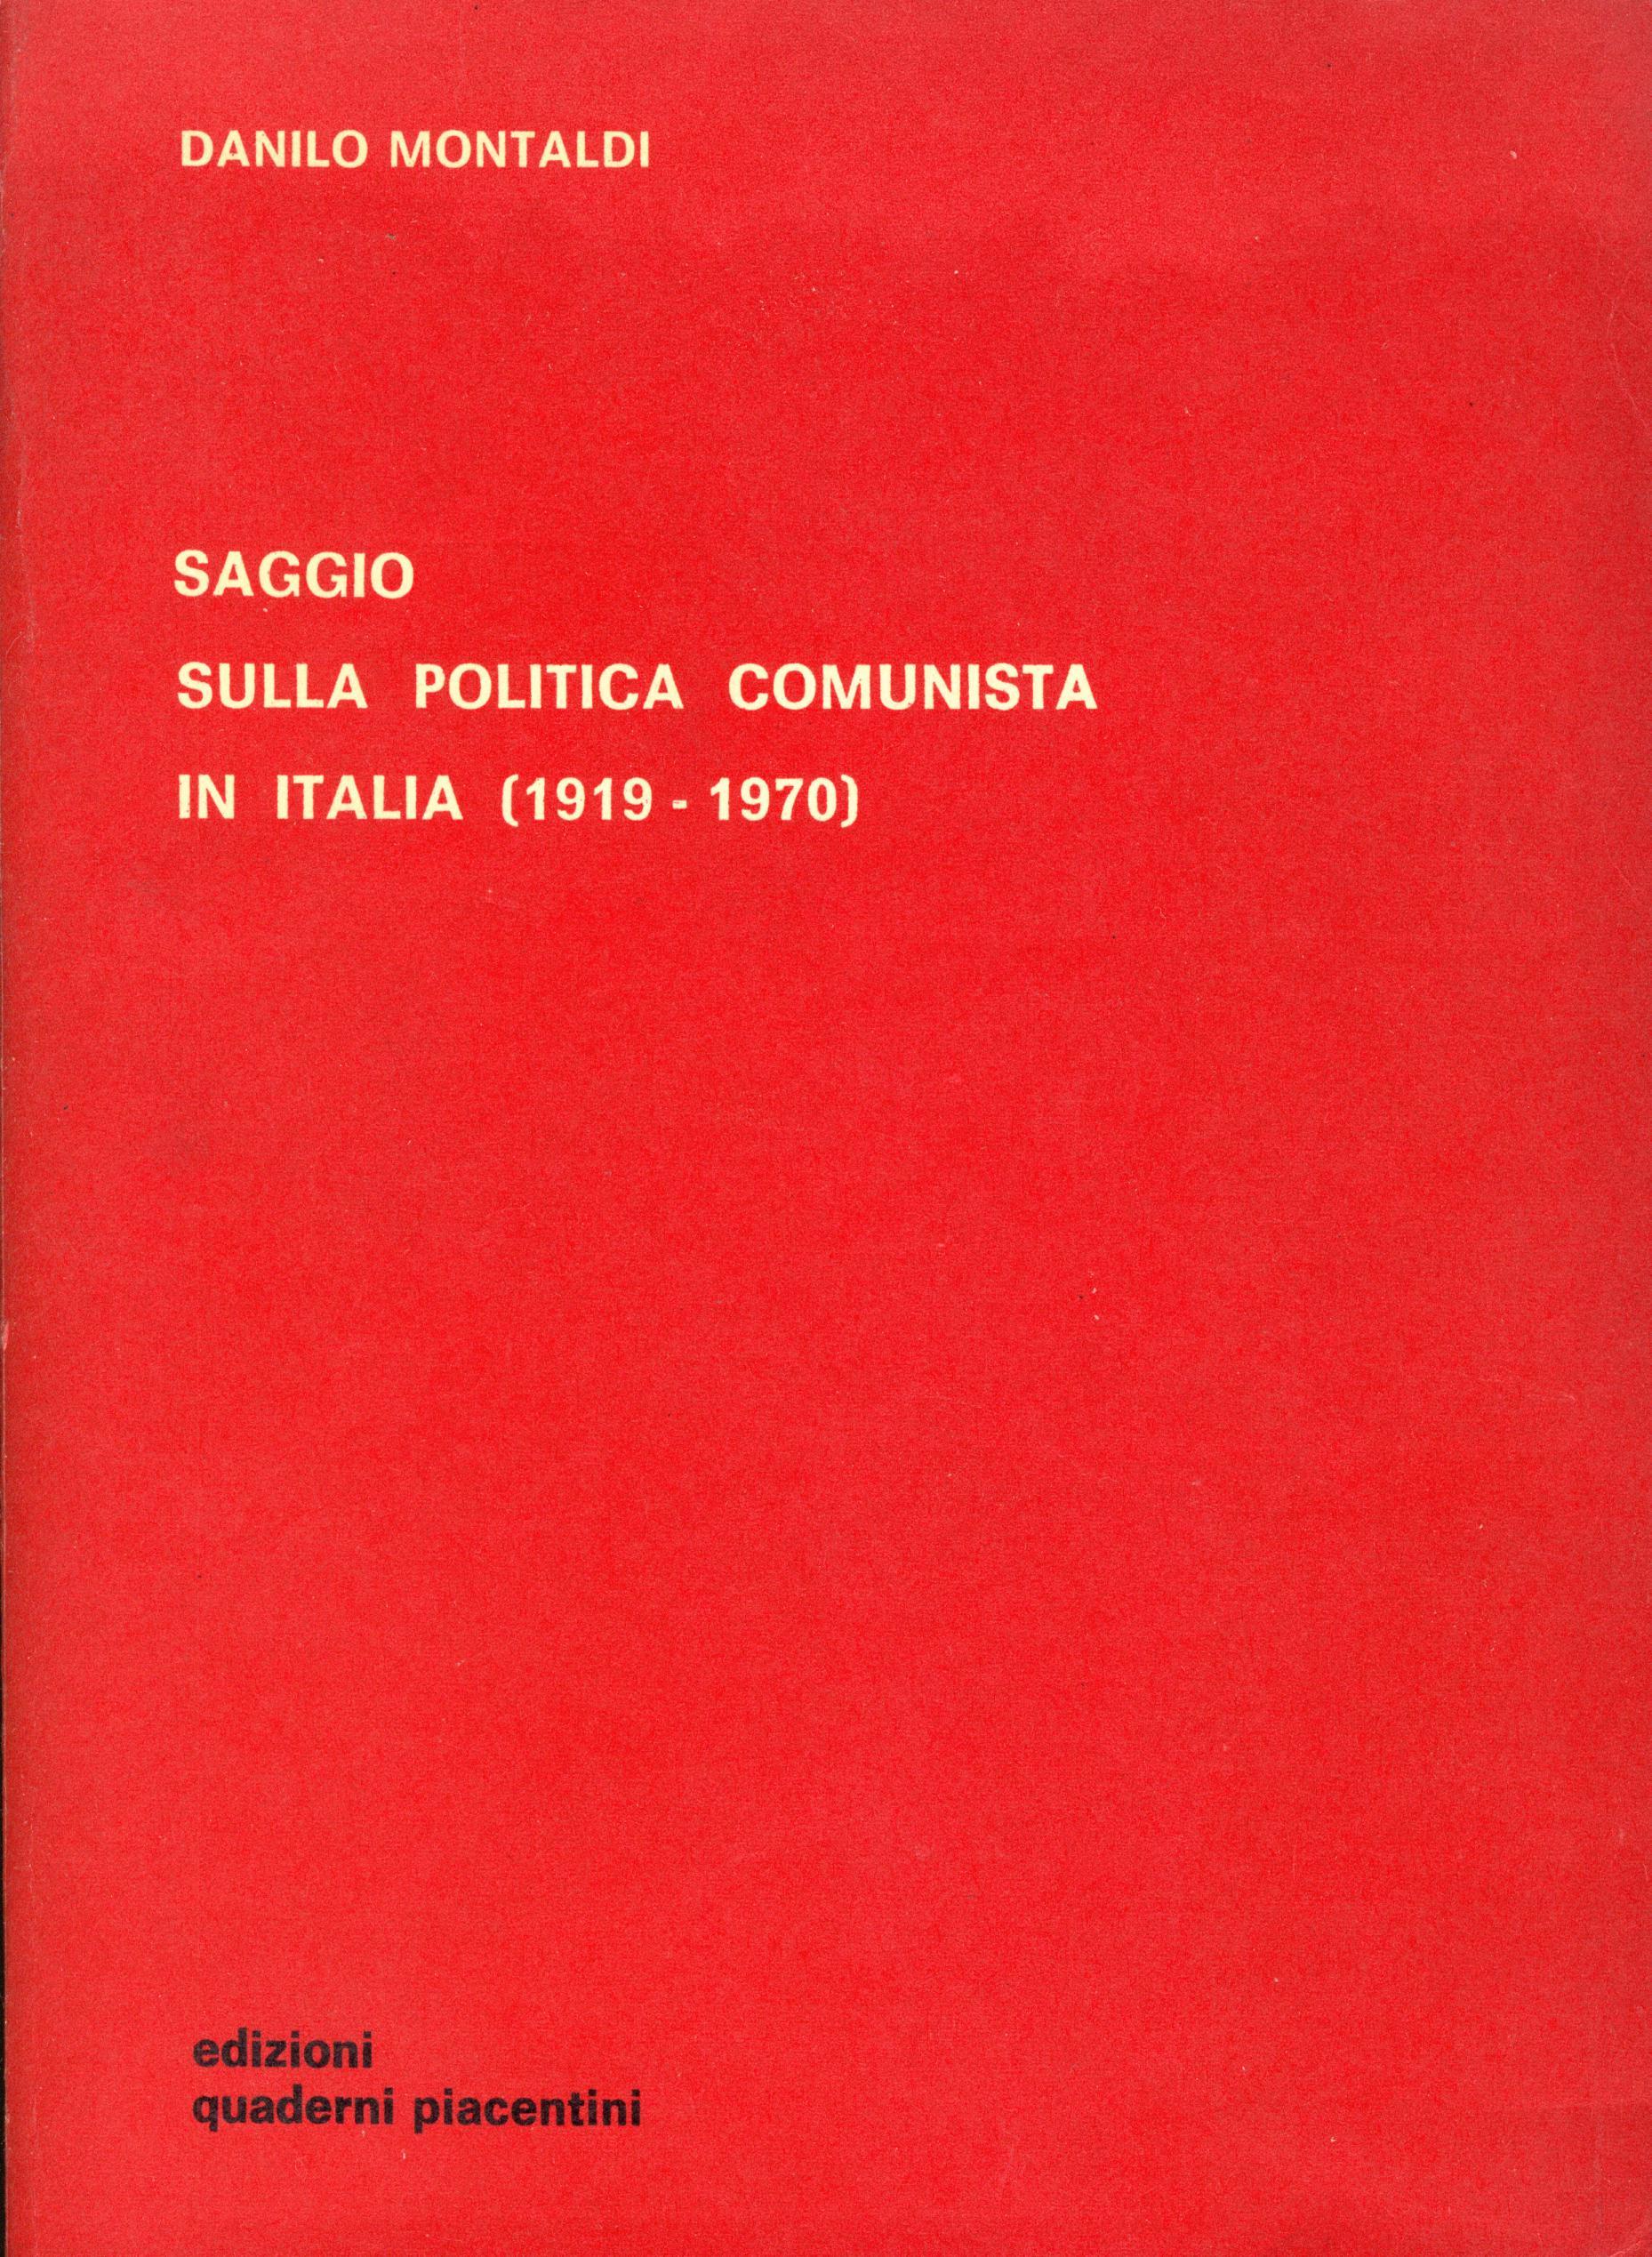 Saggio sulla politica comunista in Italia, 1919 - 1970